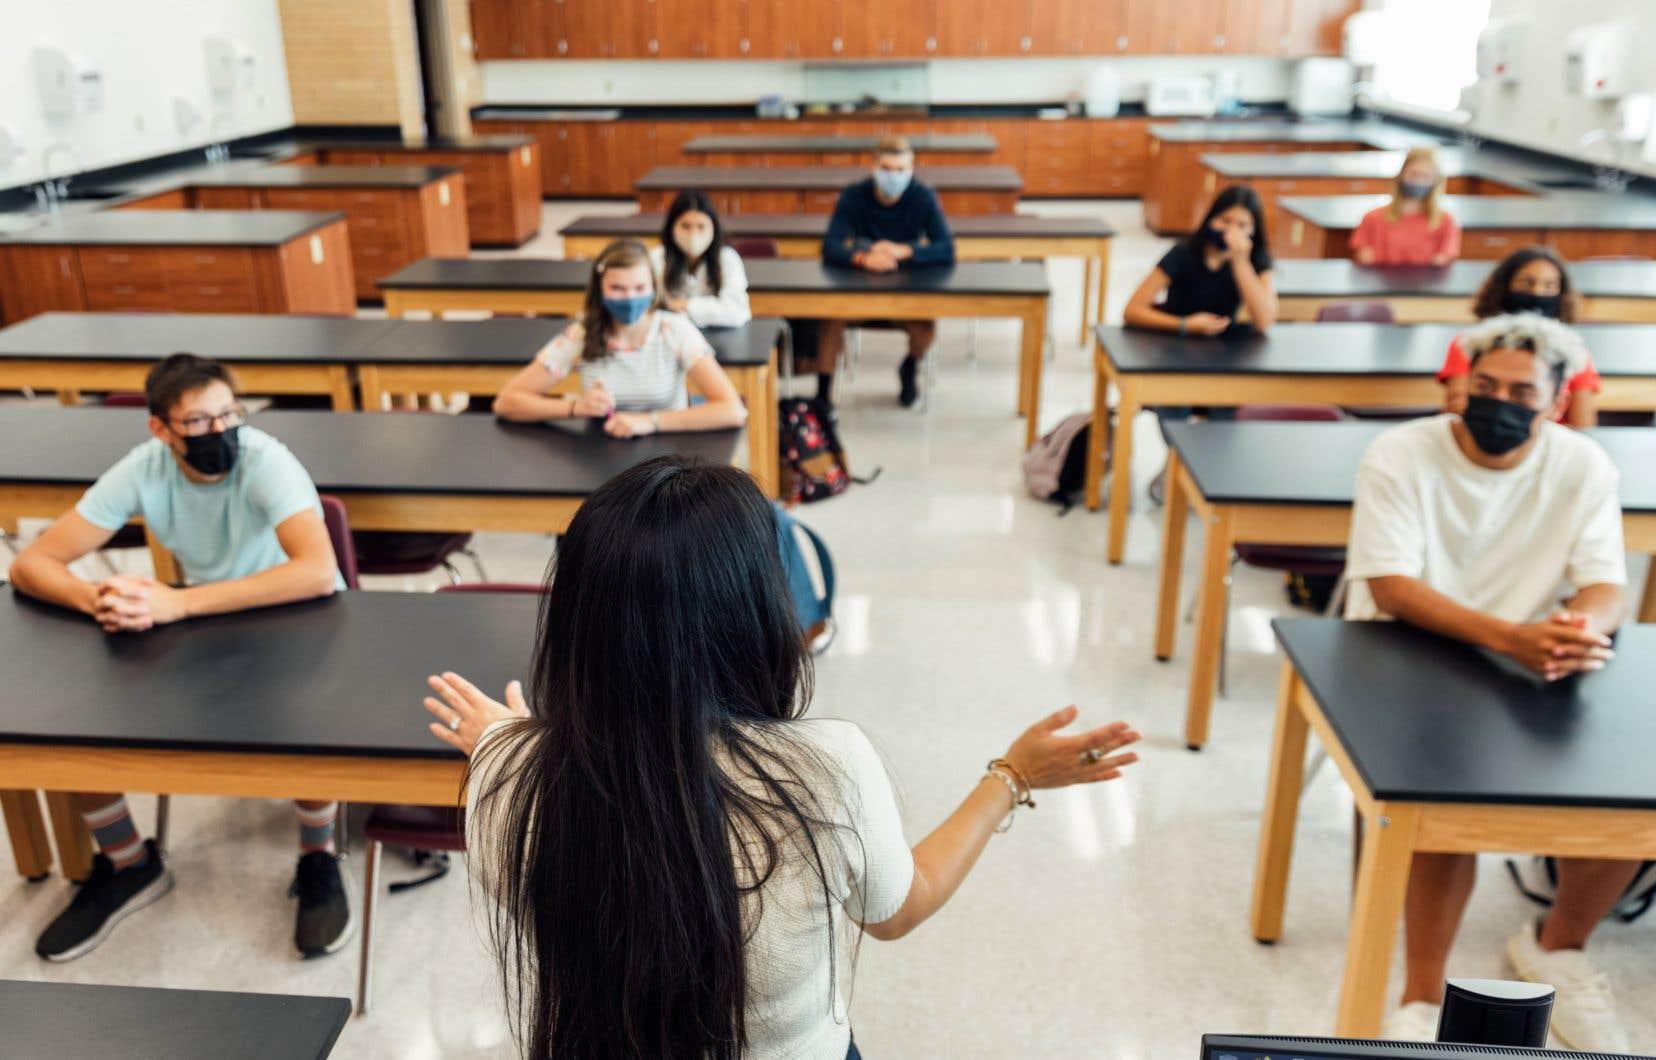 «Est-ce aux enseignants de transmettre les valeurs profondes qui ont traversé les âges jusqu'à nous?», demande l'auteur.